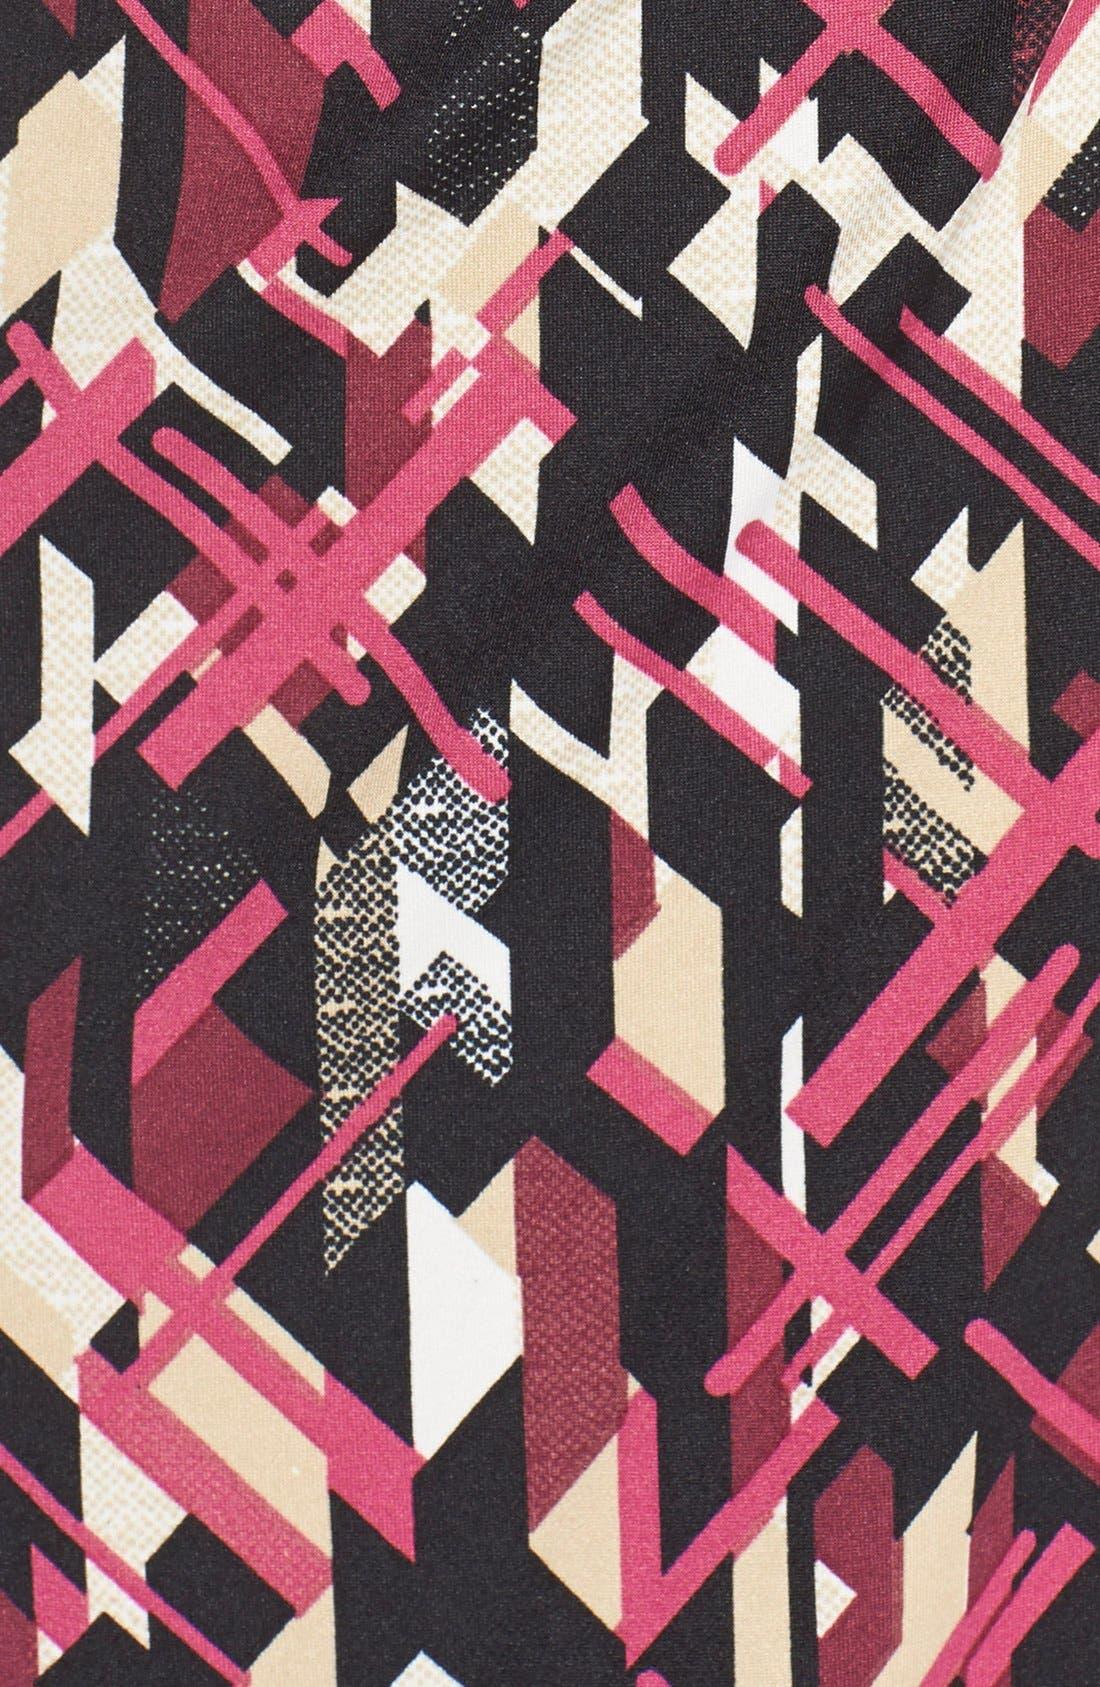 Print Jersey Faux Wrap Sheath Dress,                             Alternate thumbnail 5, color,                             007